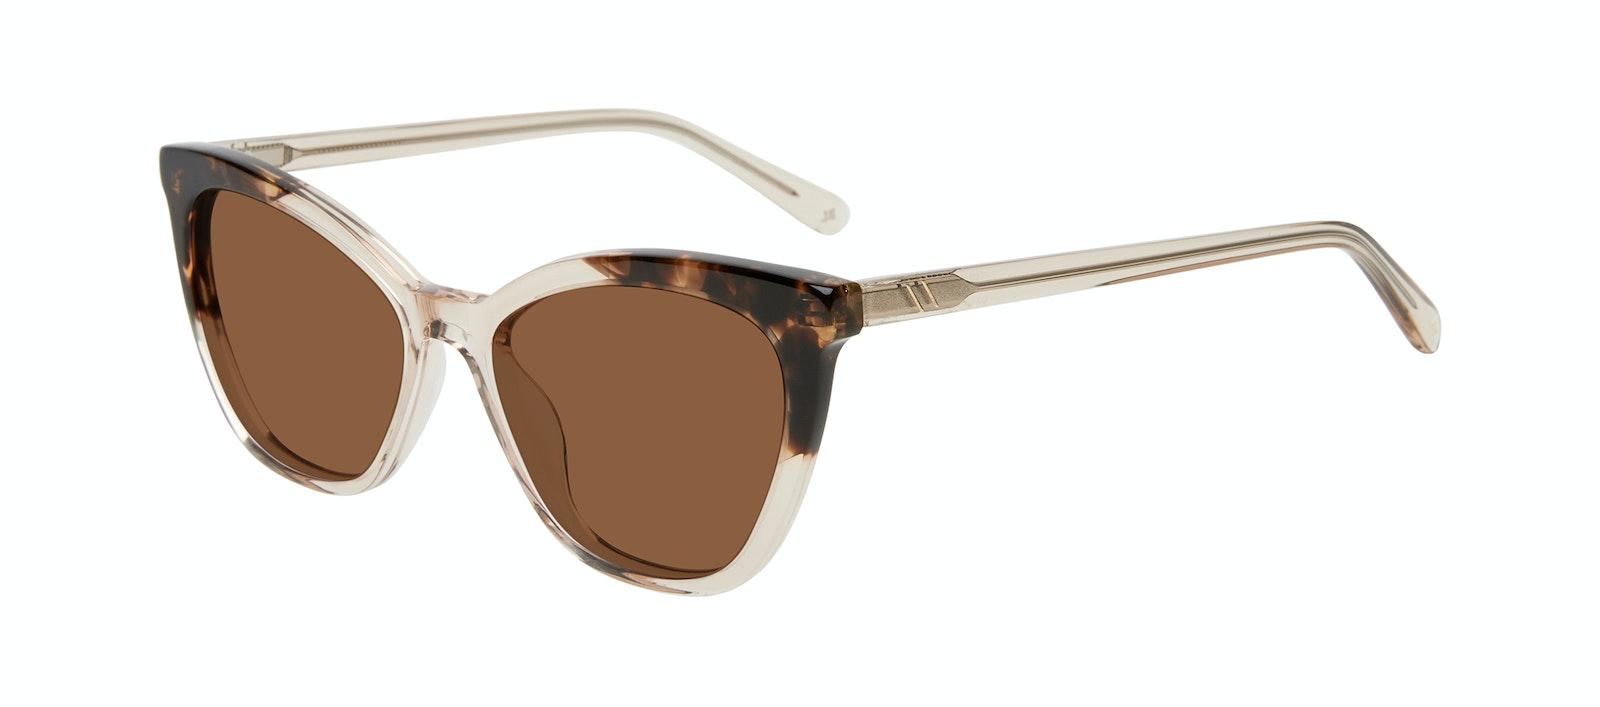 Affordable Fashion Glasses Cat Eye Sunglasses Women Elan Golden Tortoise Tilt